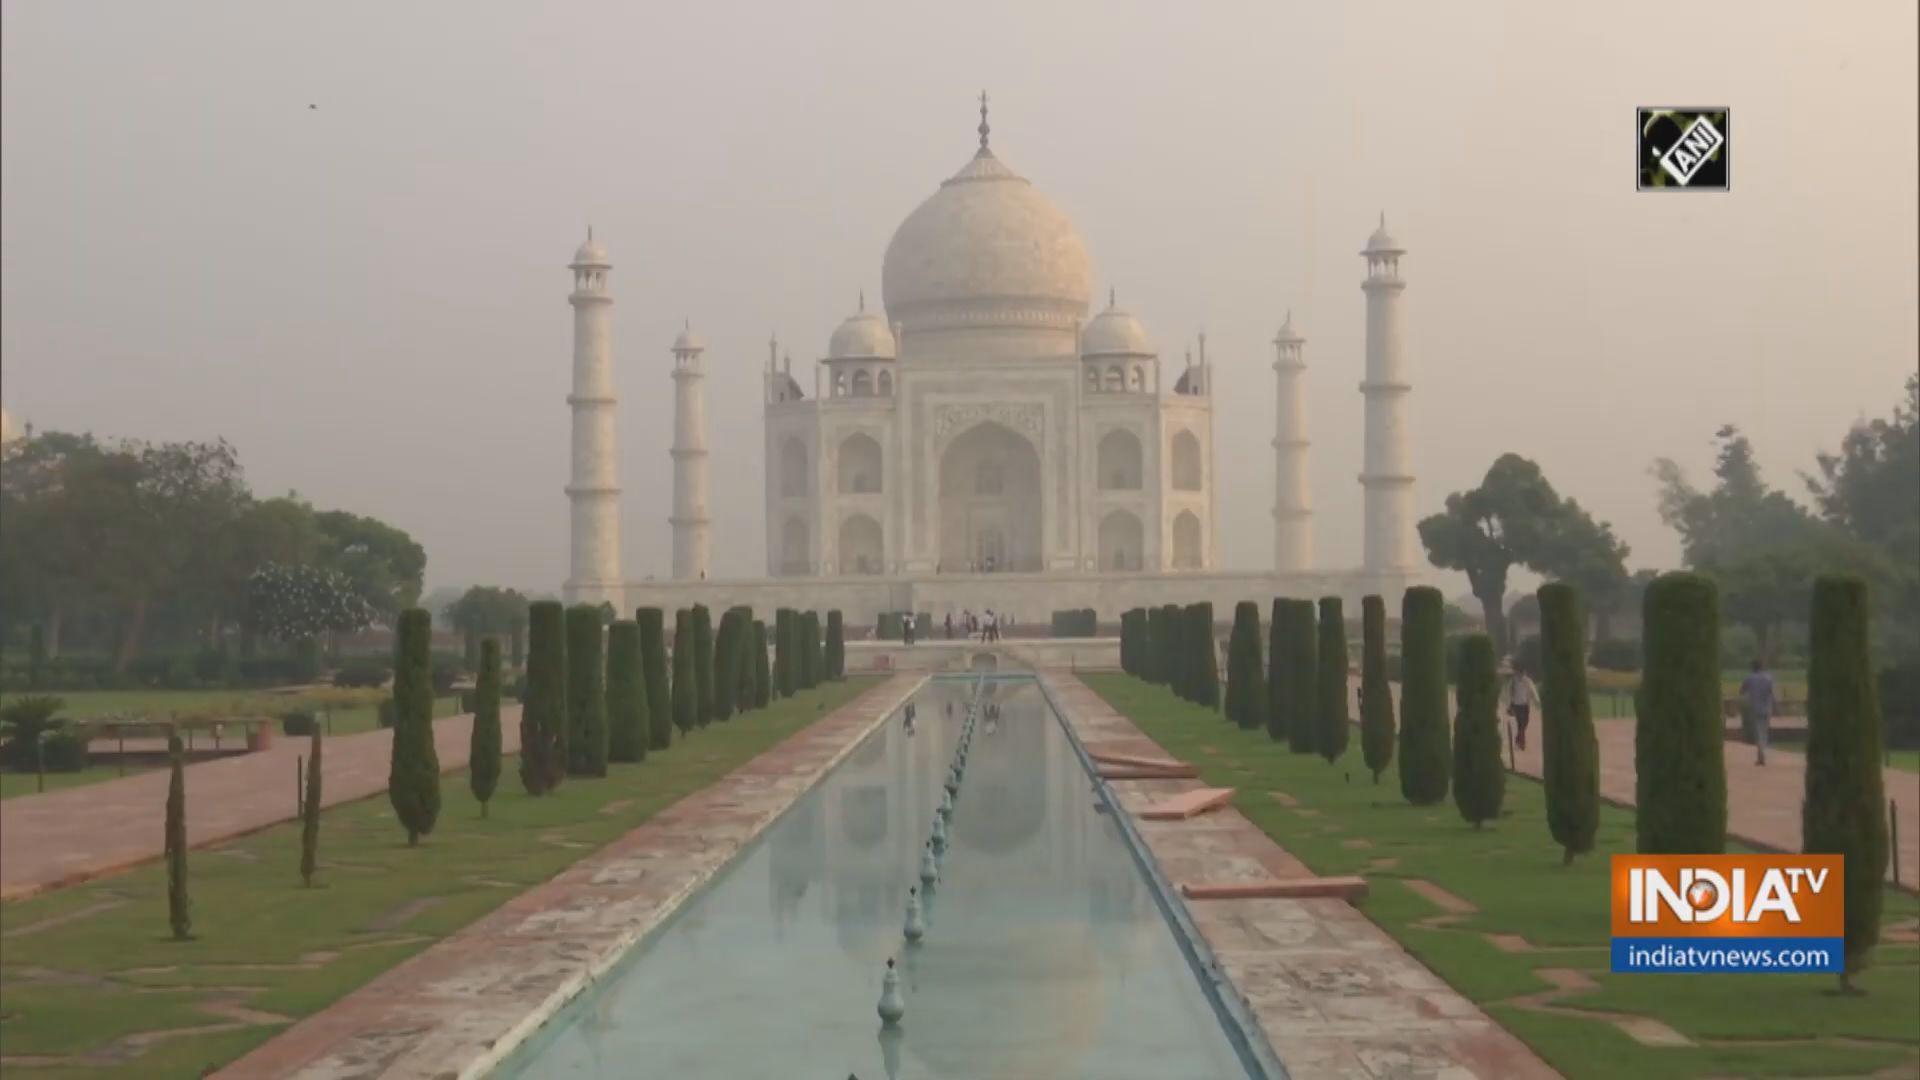 印度單日增逾八萬宗確診 惟泰姬陵相隔半年重開